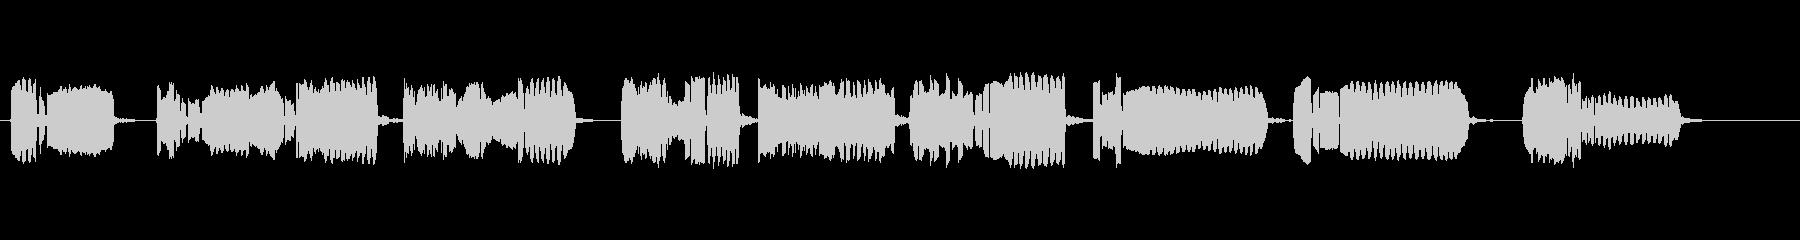 竹笛のソロ演奏の未再生の波形